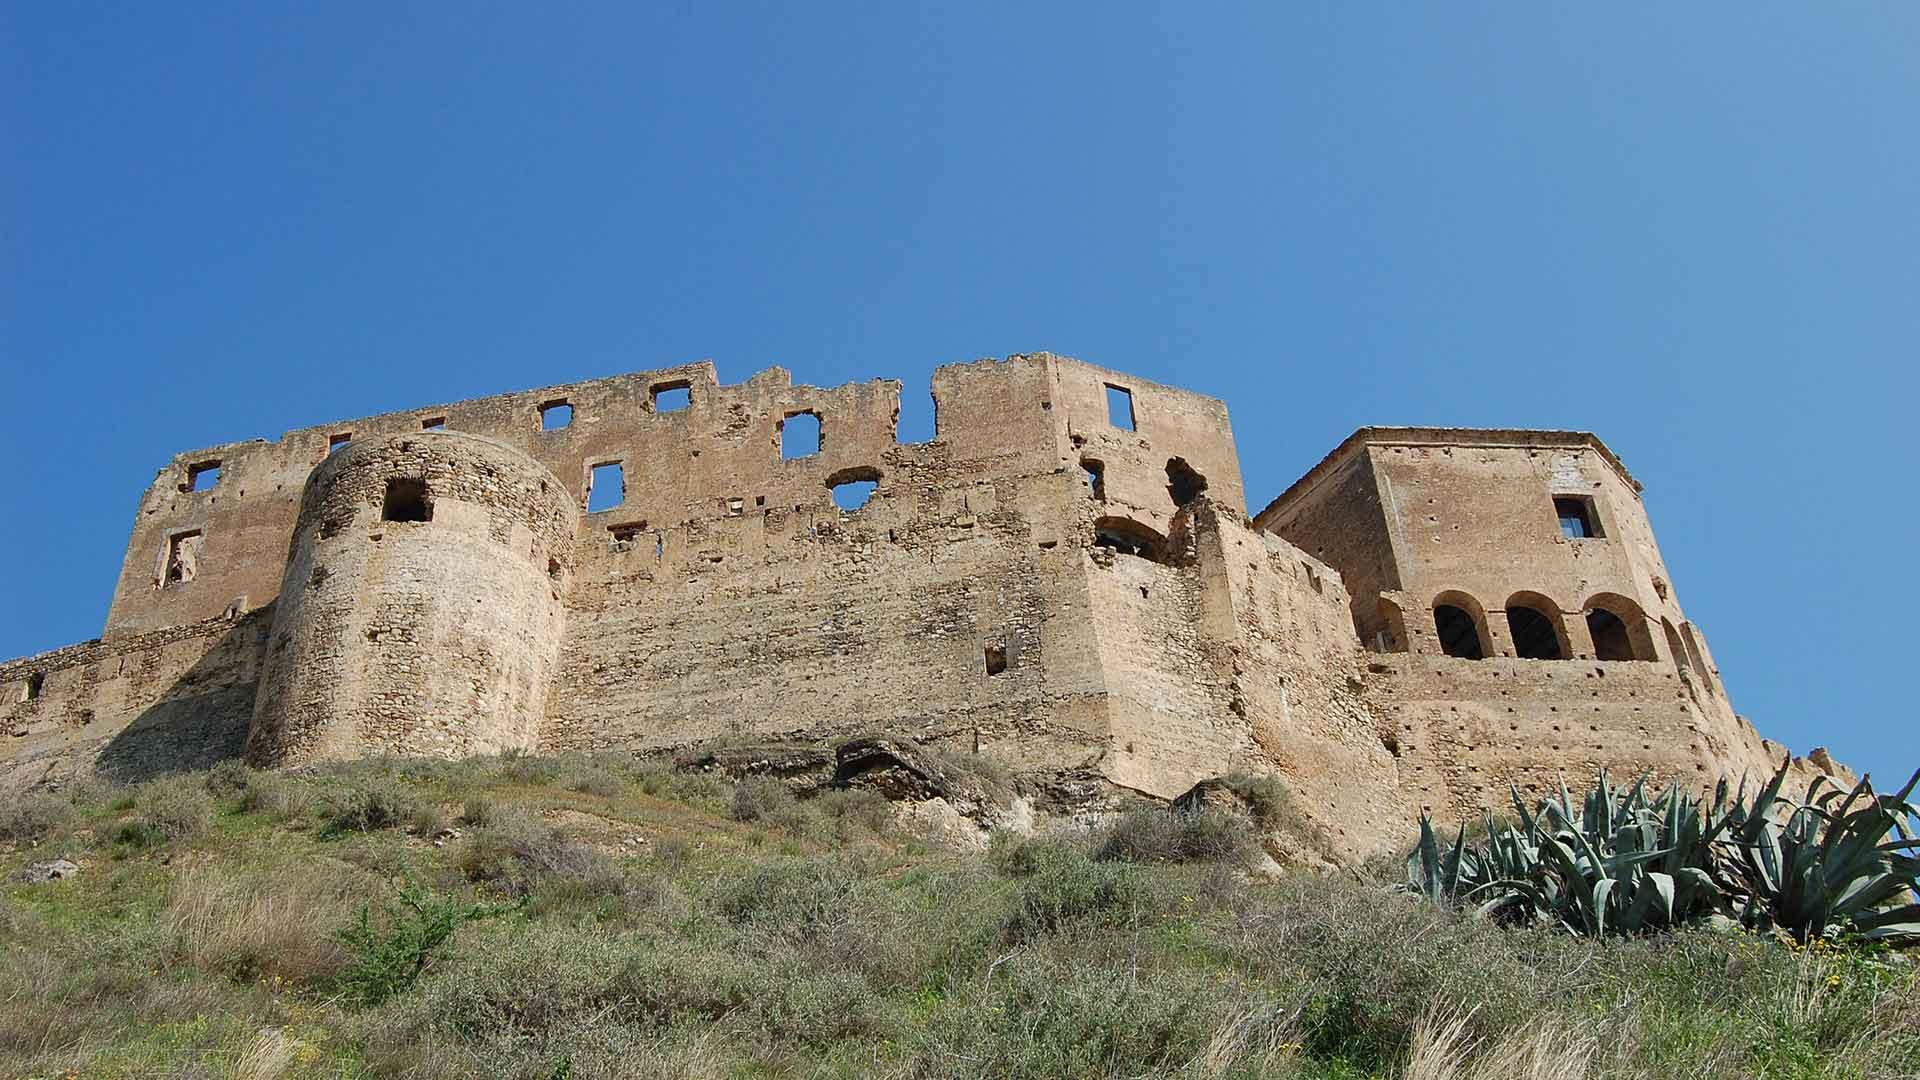 Castello Svevo di Rocca Imperiale - prospettiva dal basso